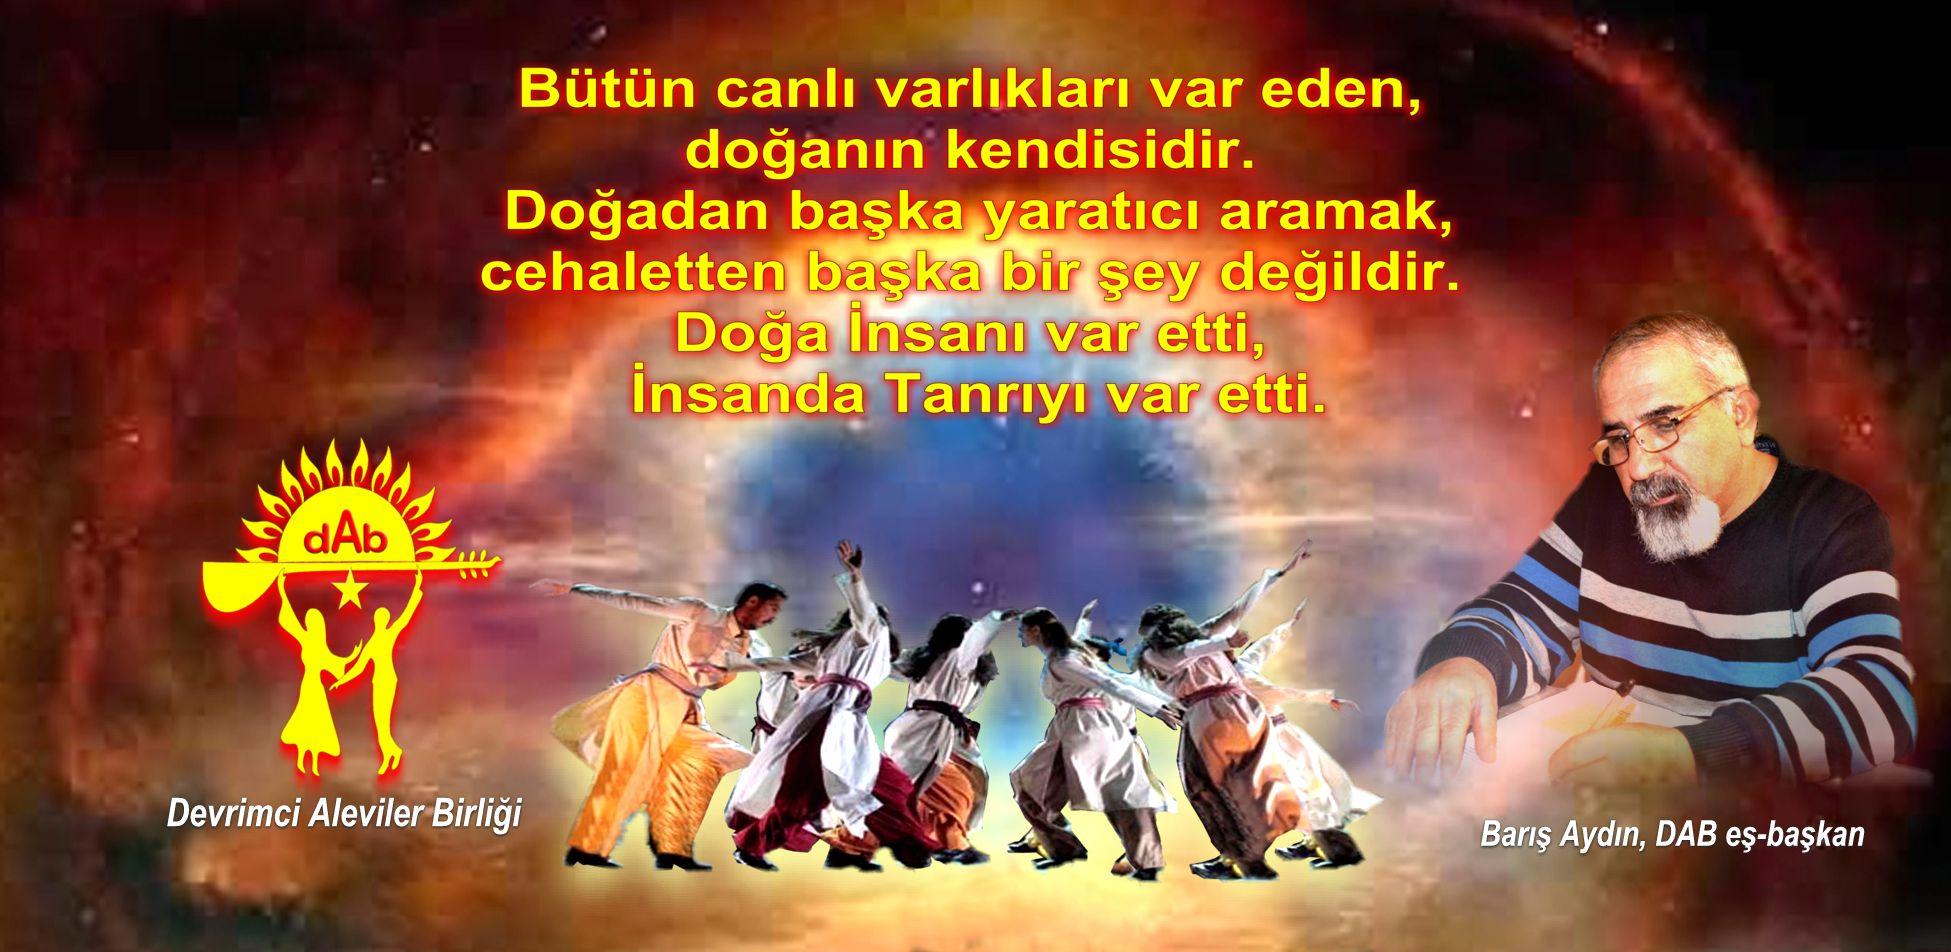 Devrimci Aleviler Birliği DAB Alevi Kızılbaş Bektaşi pir sultan cem hz Ali 12 imam semah Feramuz Şah Acar doga baris aydin banner 5